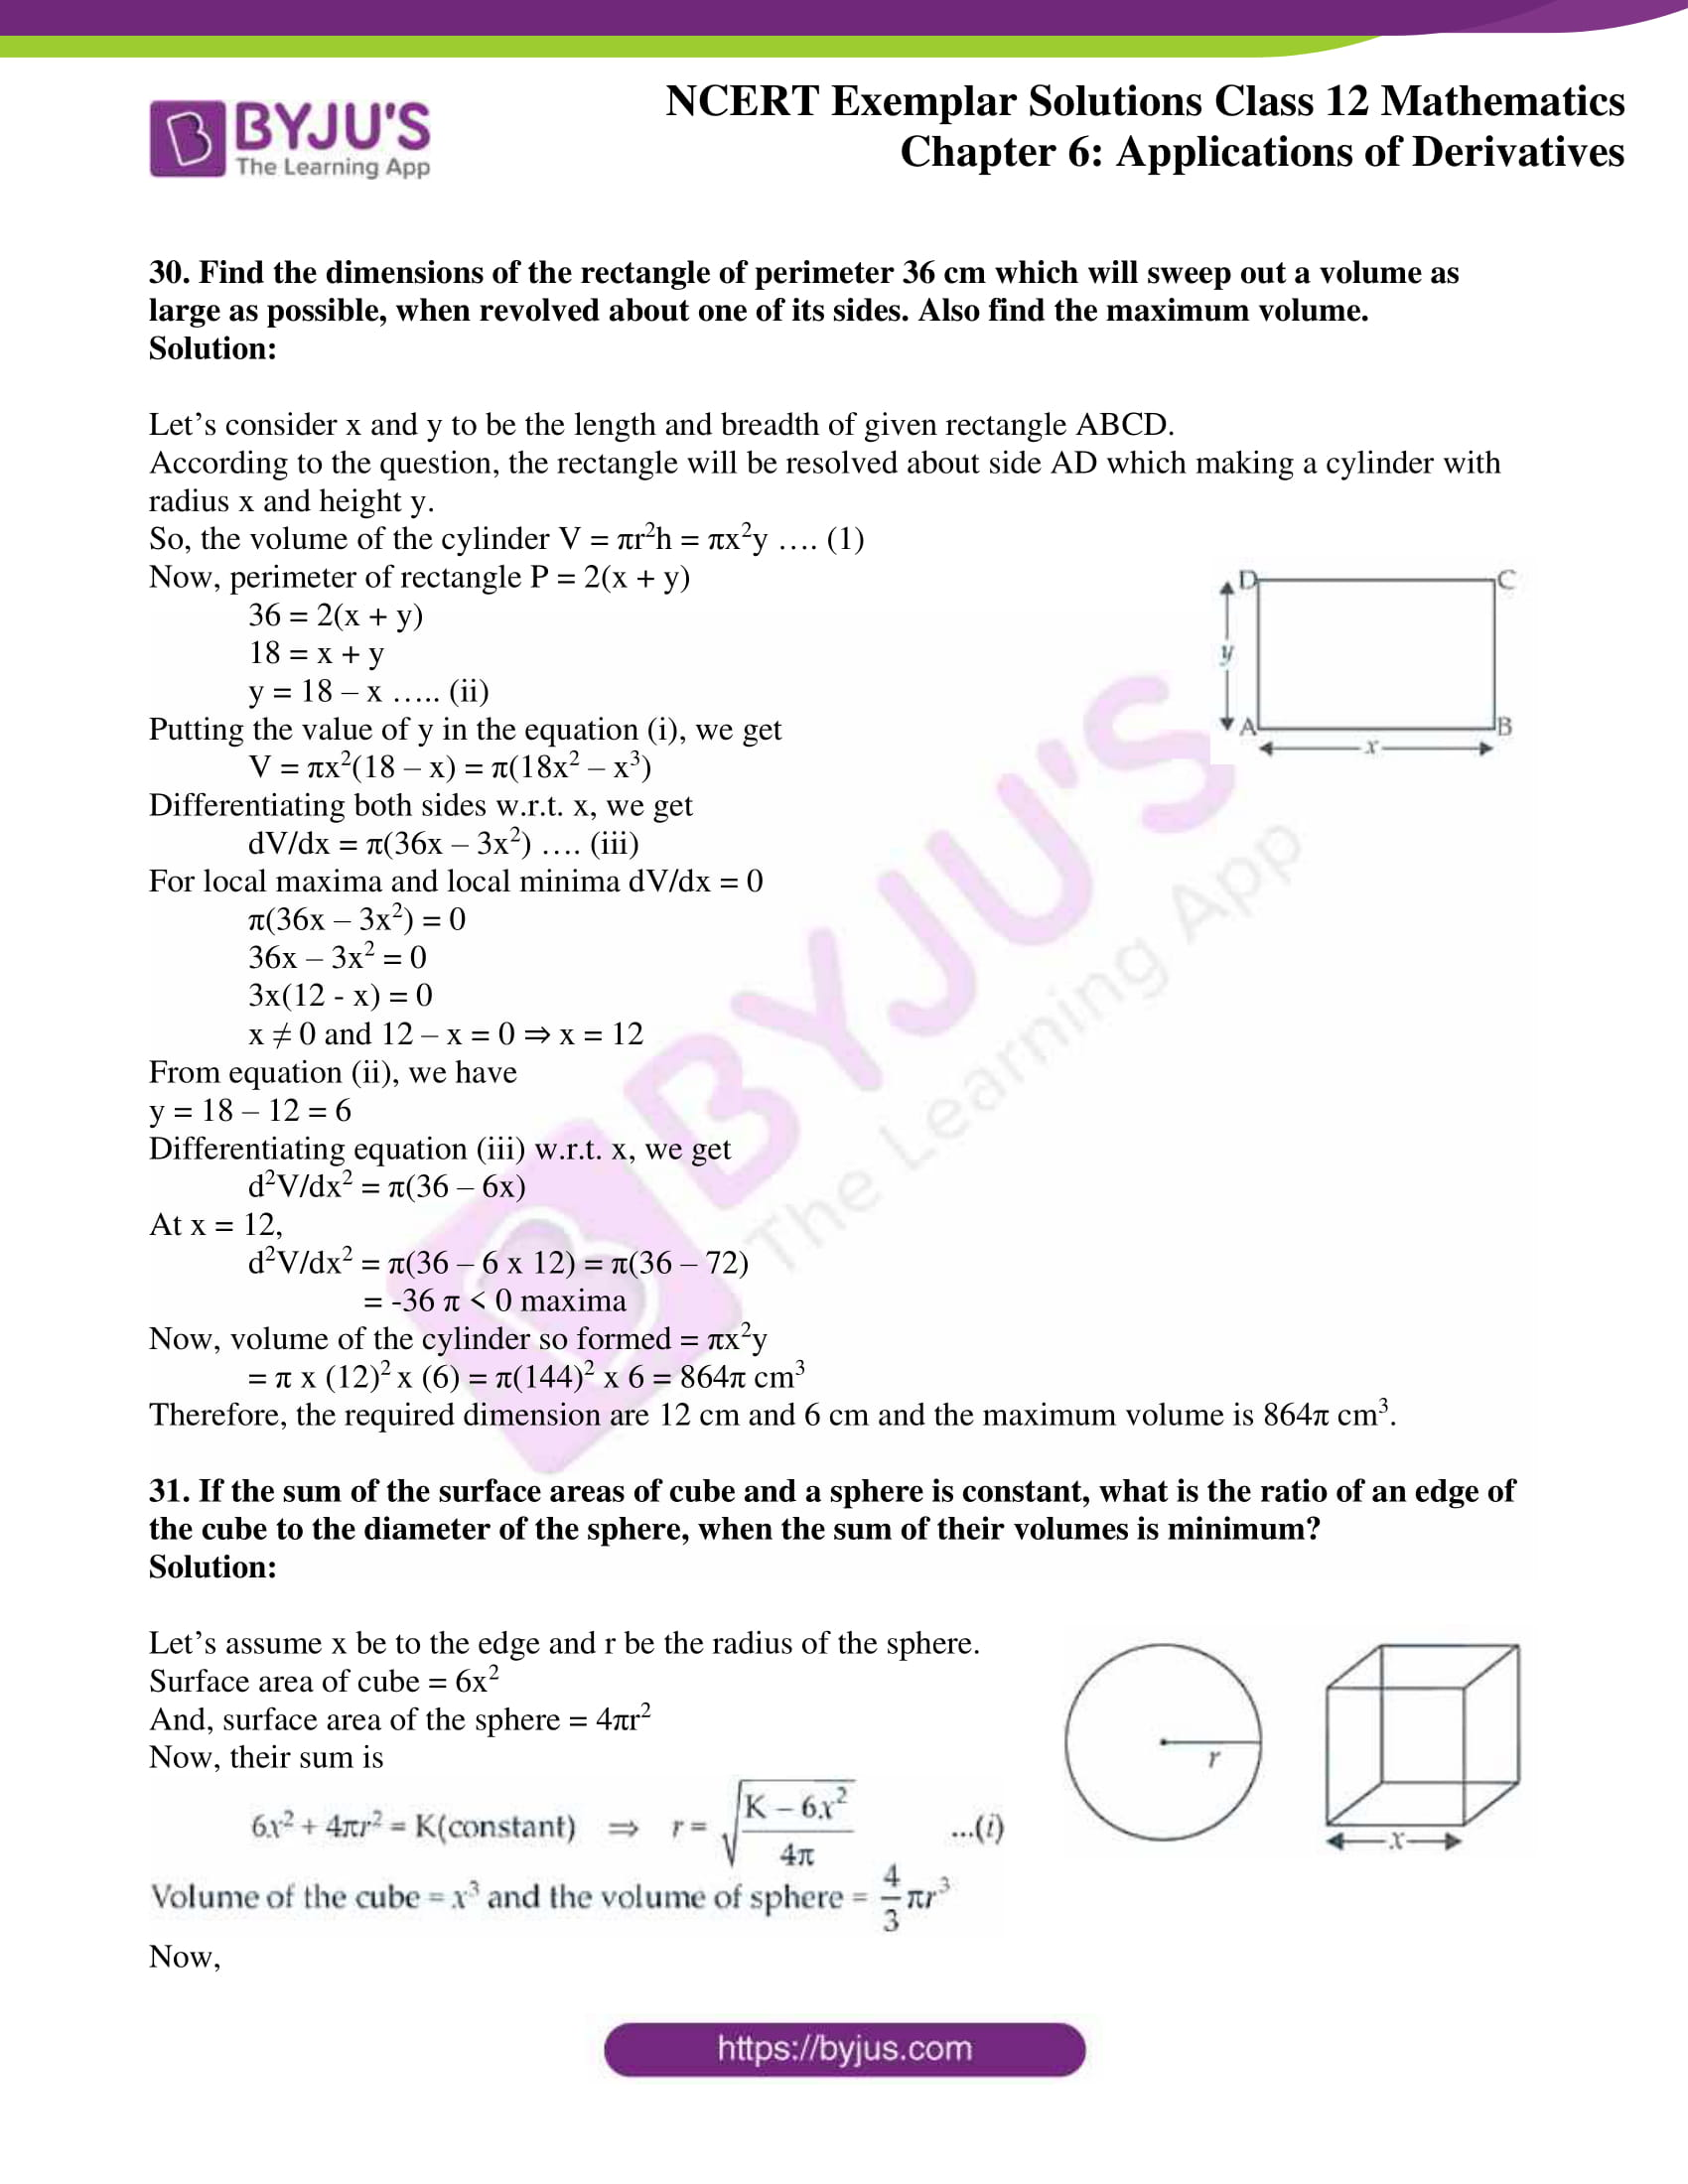 ncert exemplar sol class 12 math ch6 18